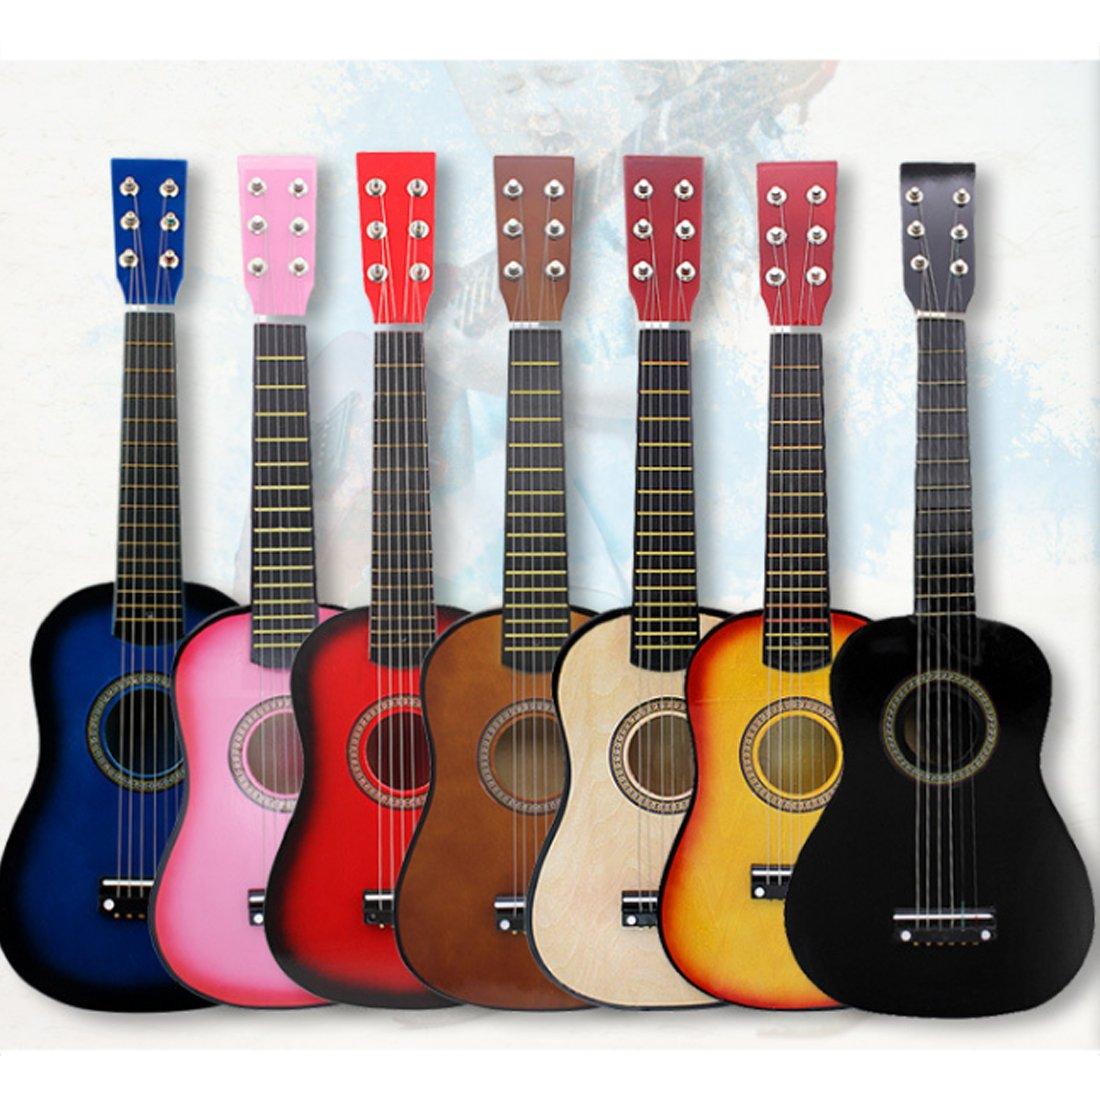 LOSGO 6 Saiten Kindergitarre aus Holz Sch/öne Spielgitarre S/üsse Erste Gitarre Klassische Gitarre Einstieg ab 3 Jahre